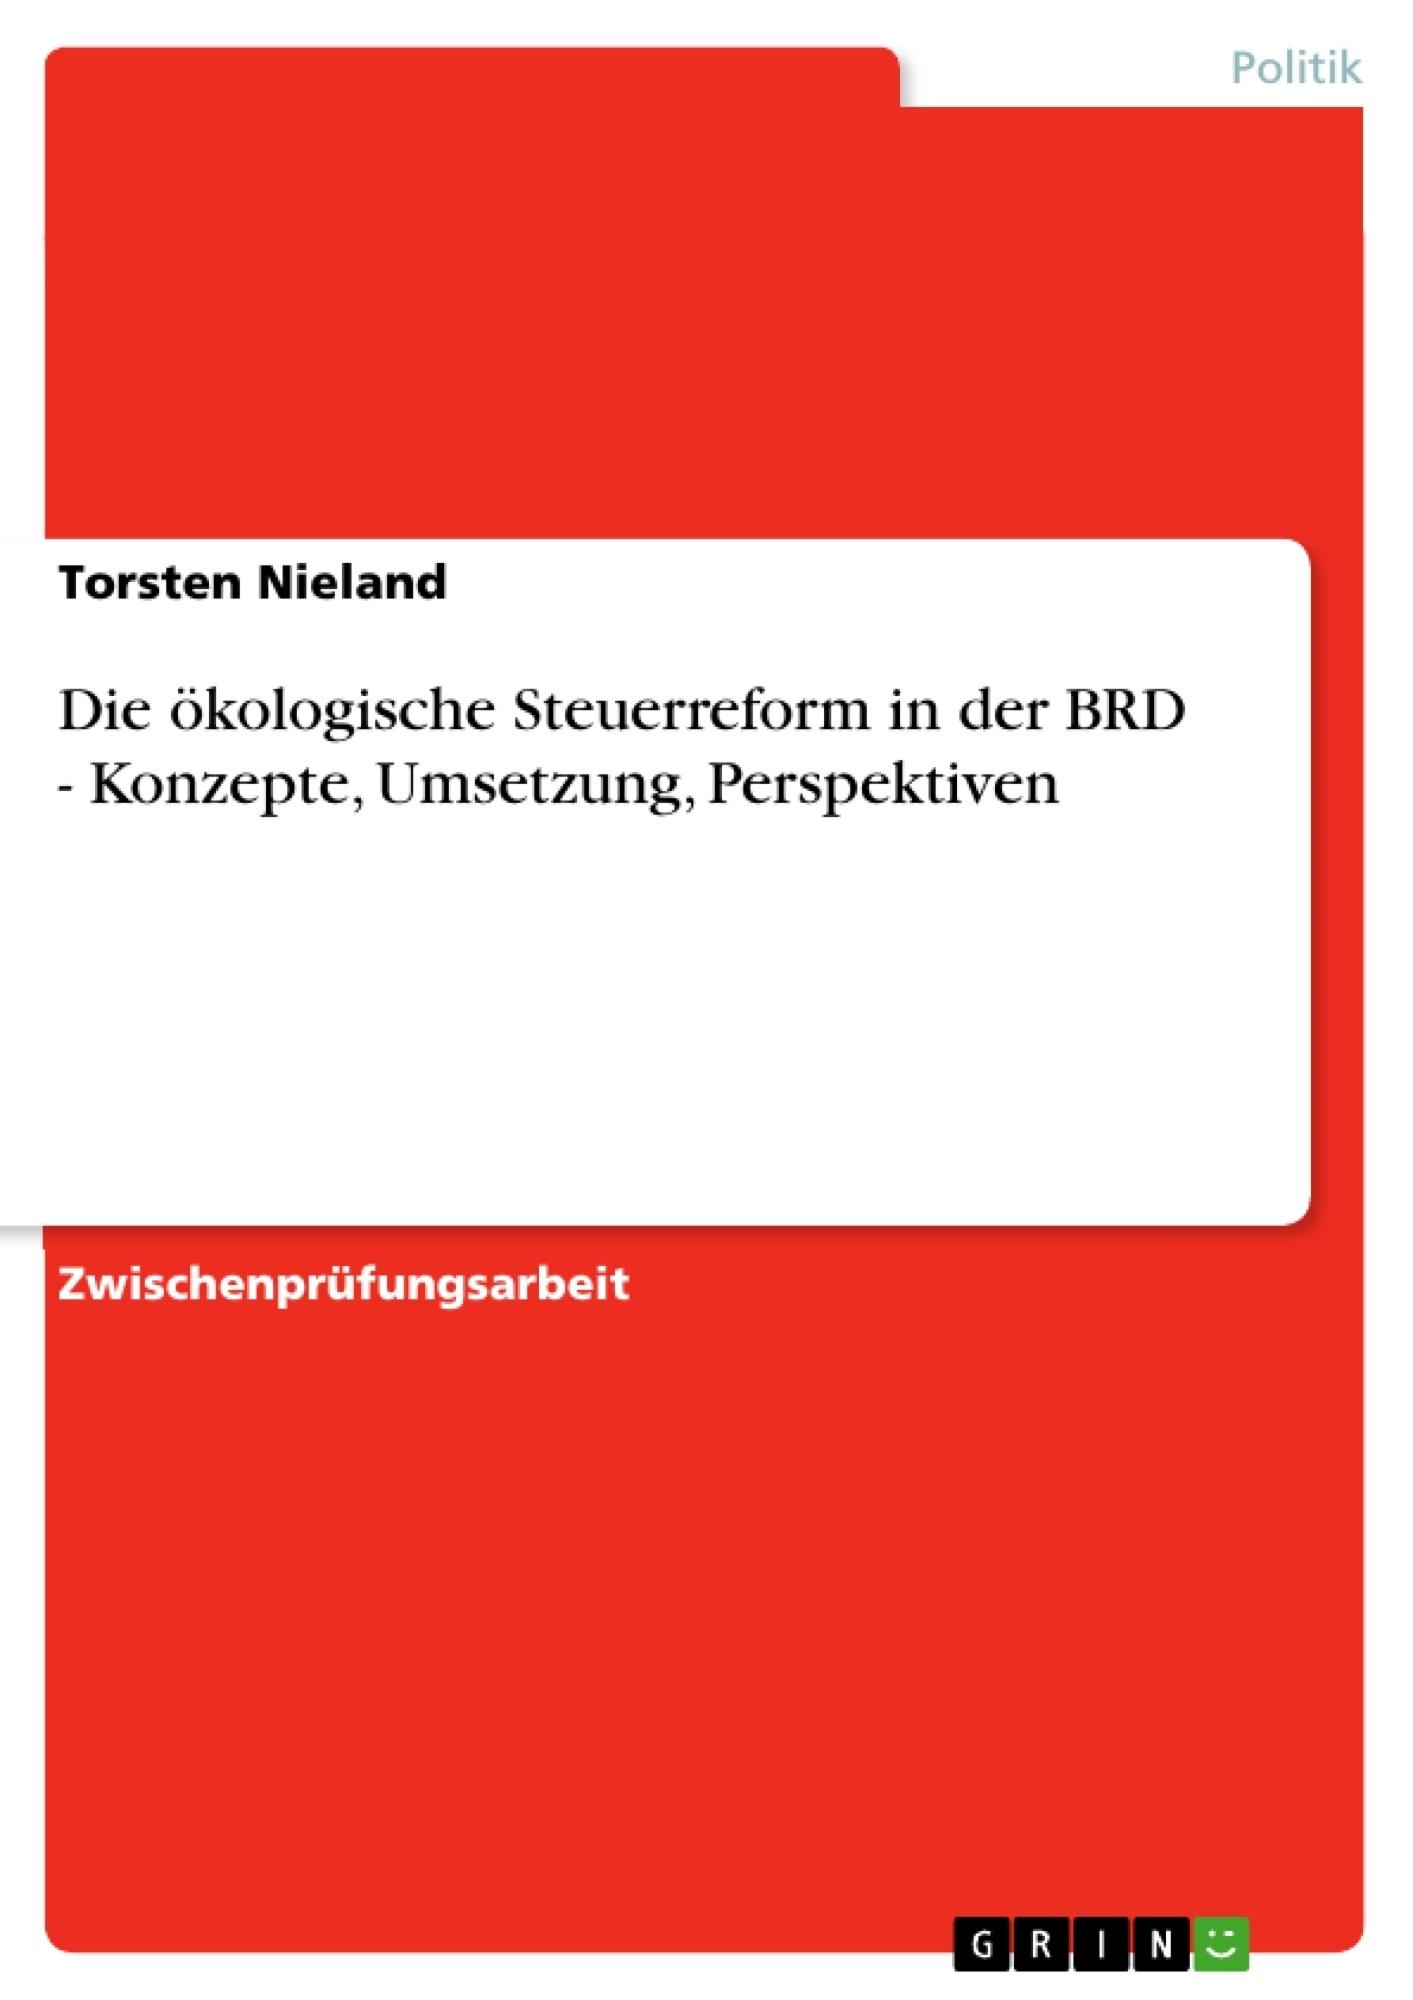 Titel: Die ökologische Steuerreform  in der BRD - Konzepte, Umsetzung, Perspektiven